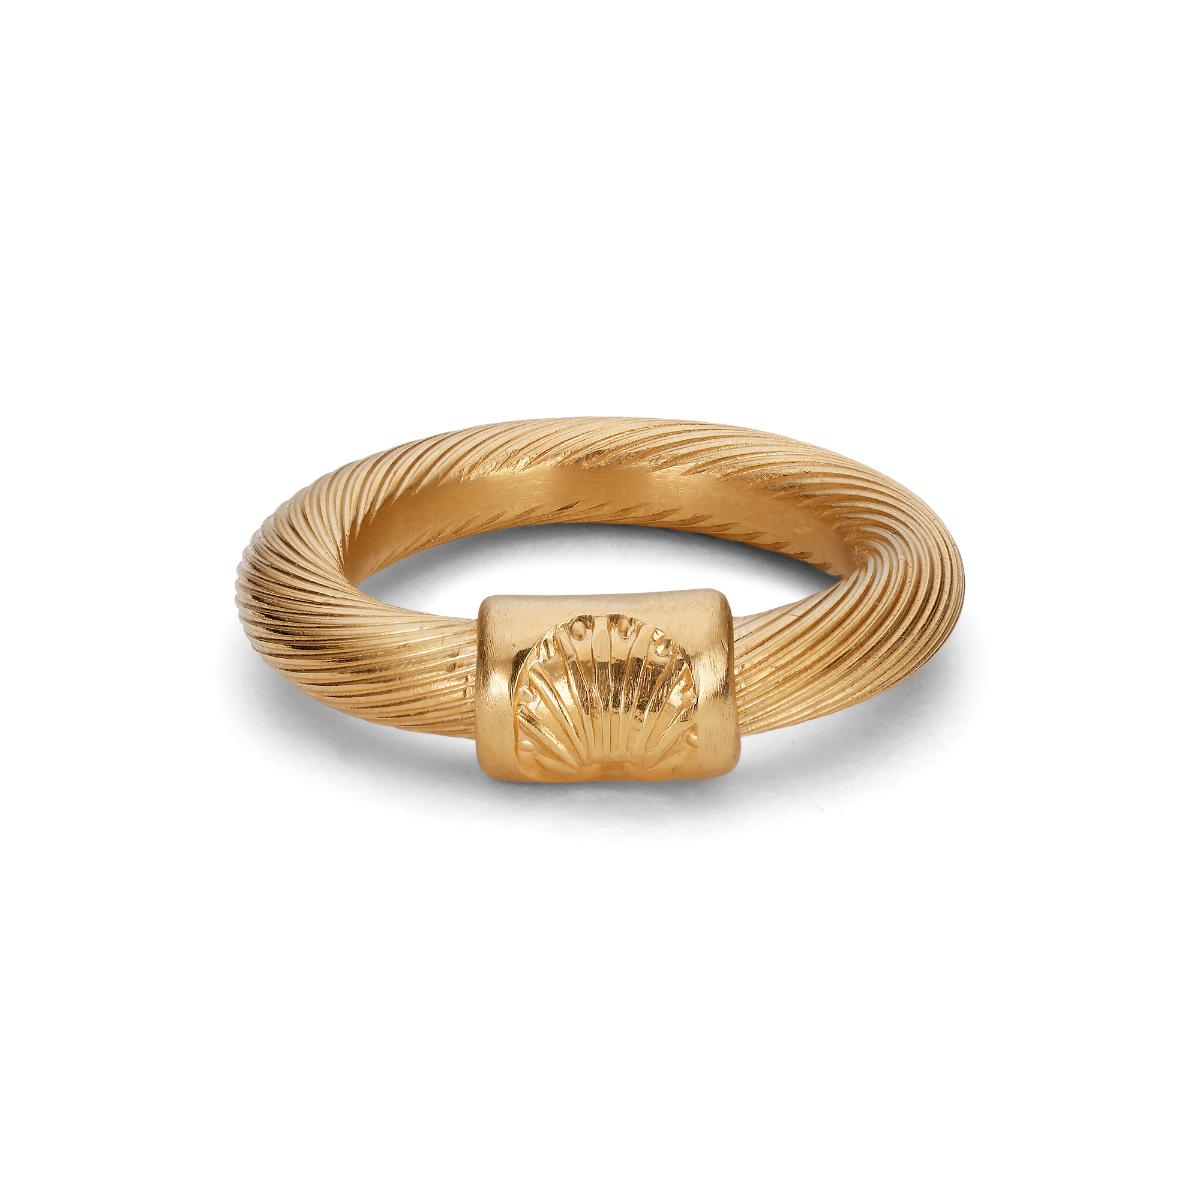 Jane Kønig Salon ring Big, guld, 52